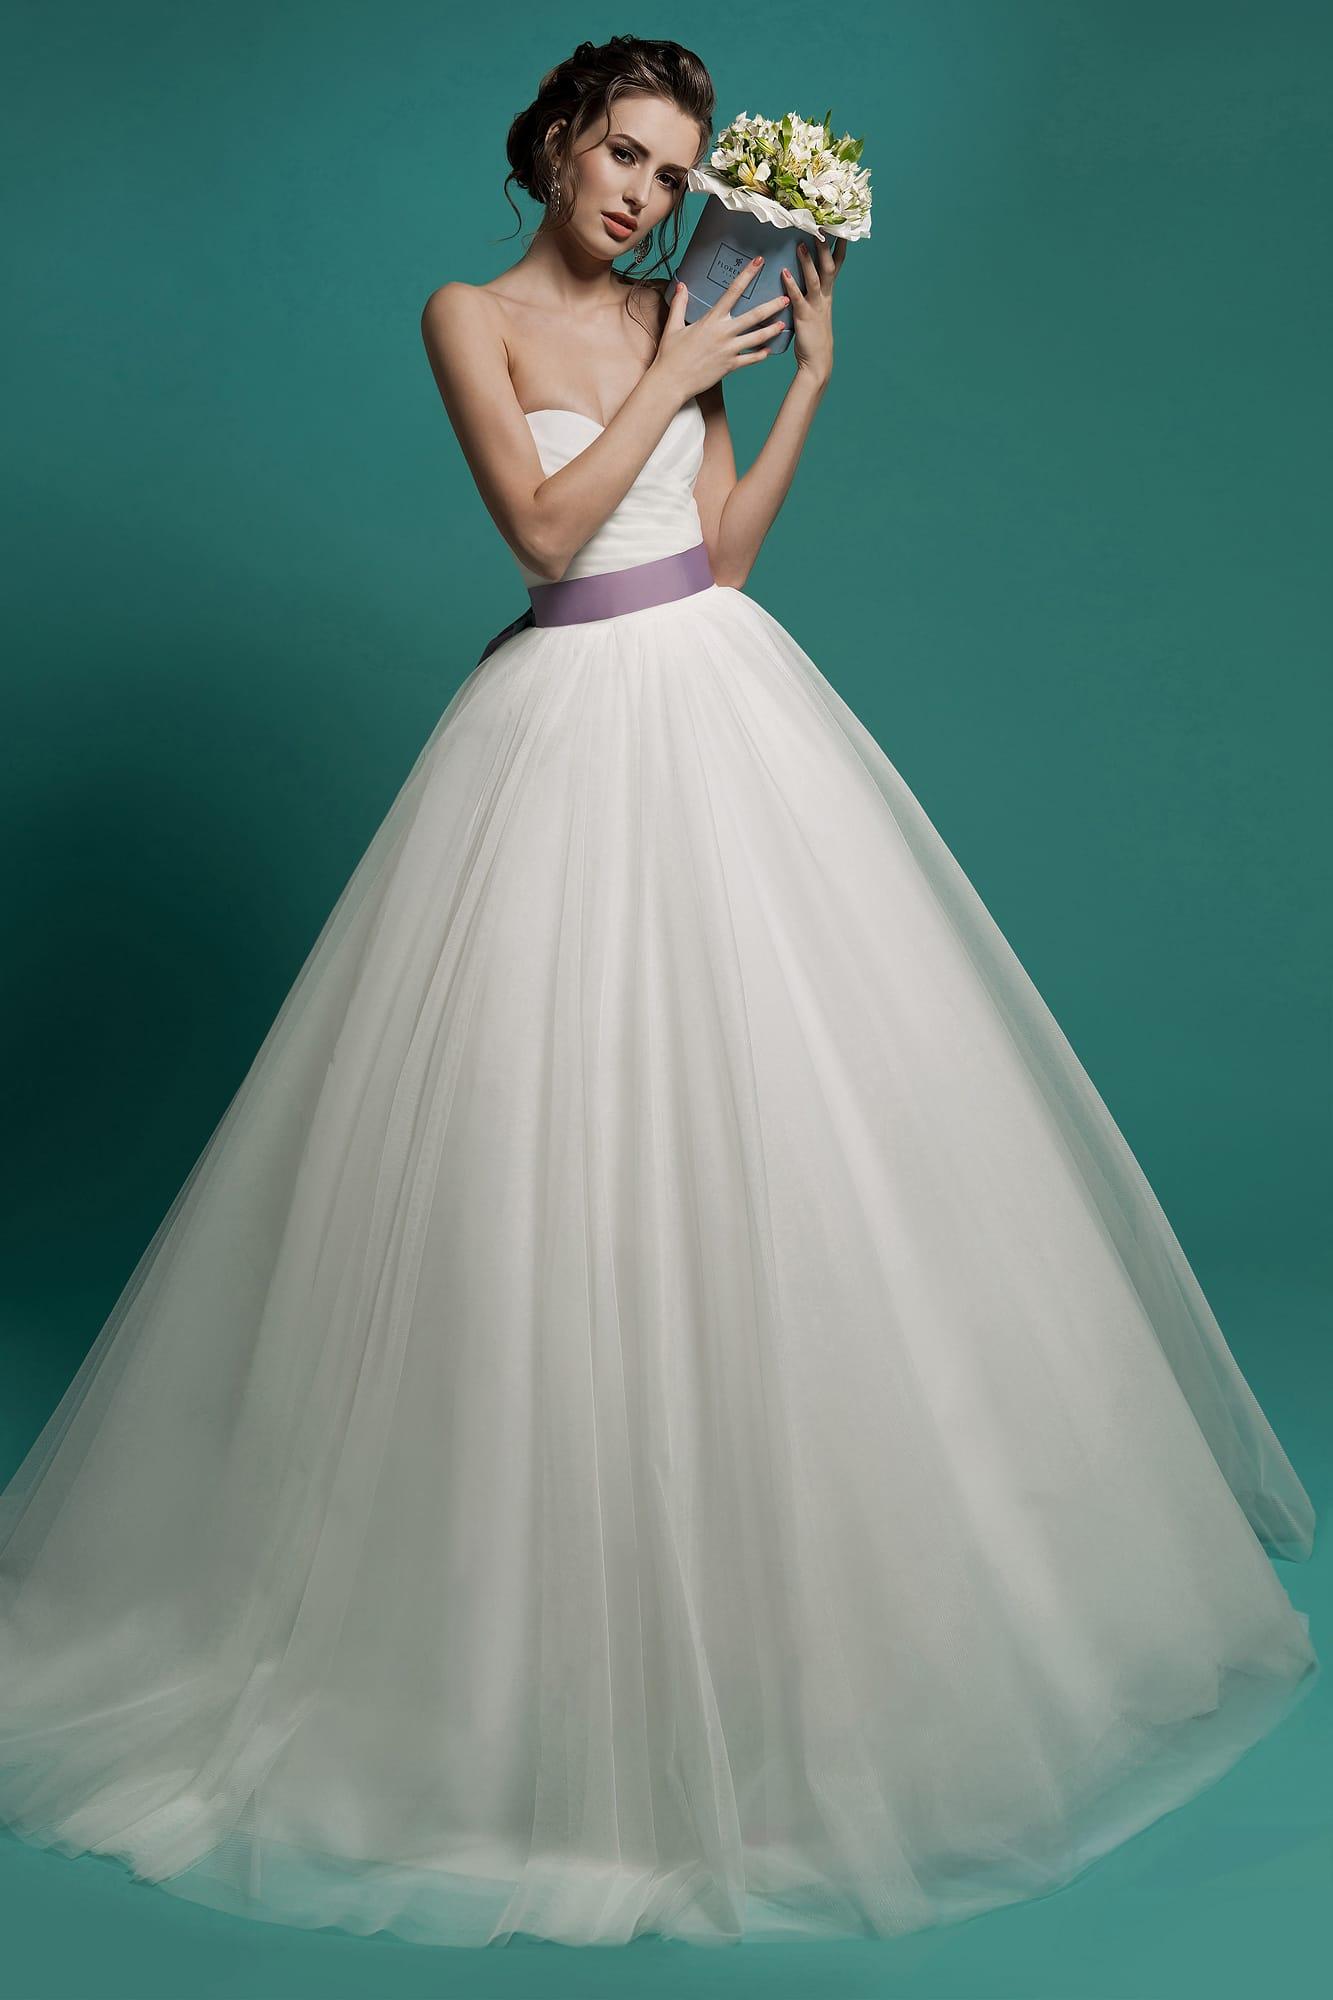 f967d04a308 Лаконичное свадебное платье с открытым лифом и атласным поясом лавандового  цвета на талии.